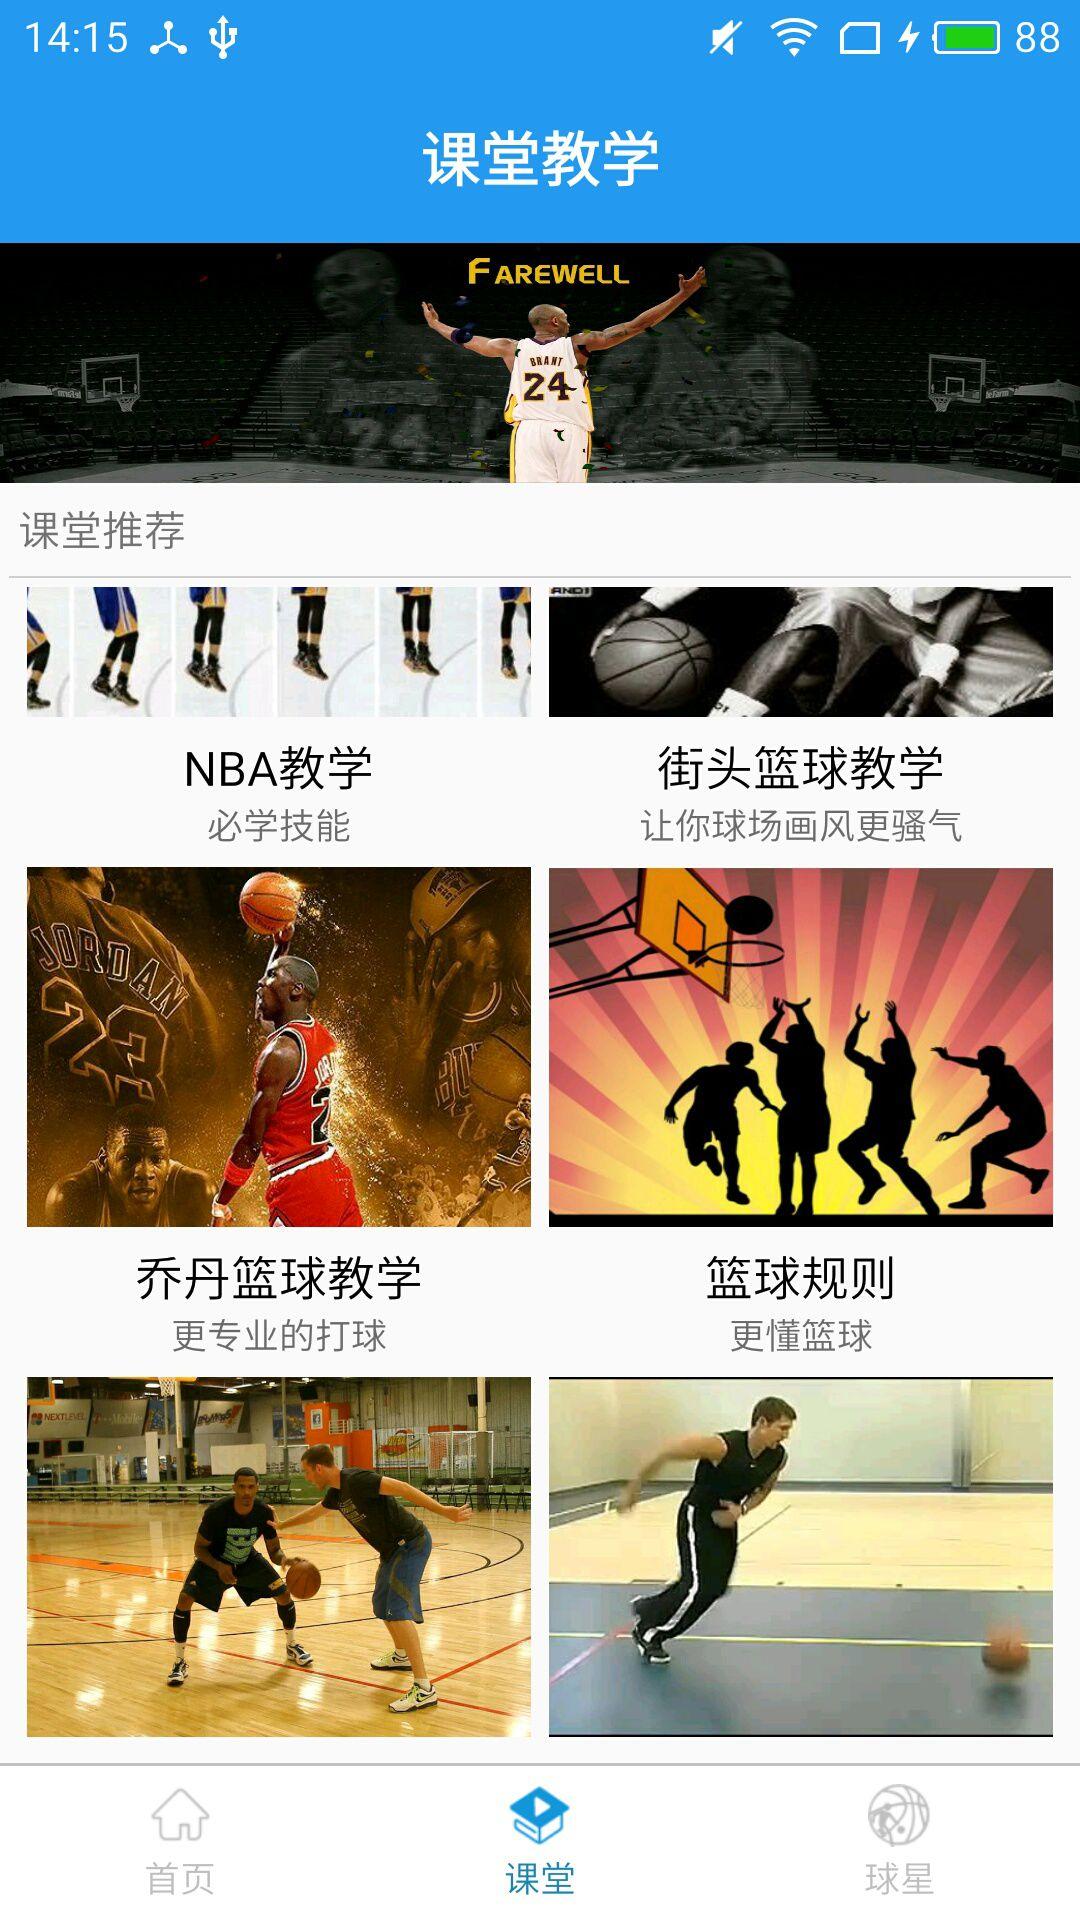 篮球教学大师 V3.6 安卓版截图2